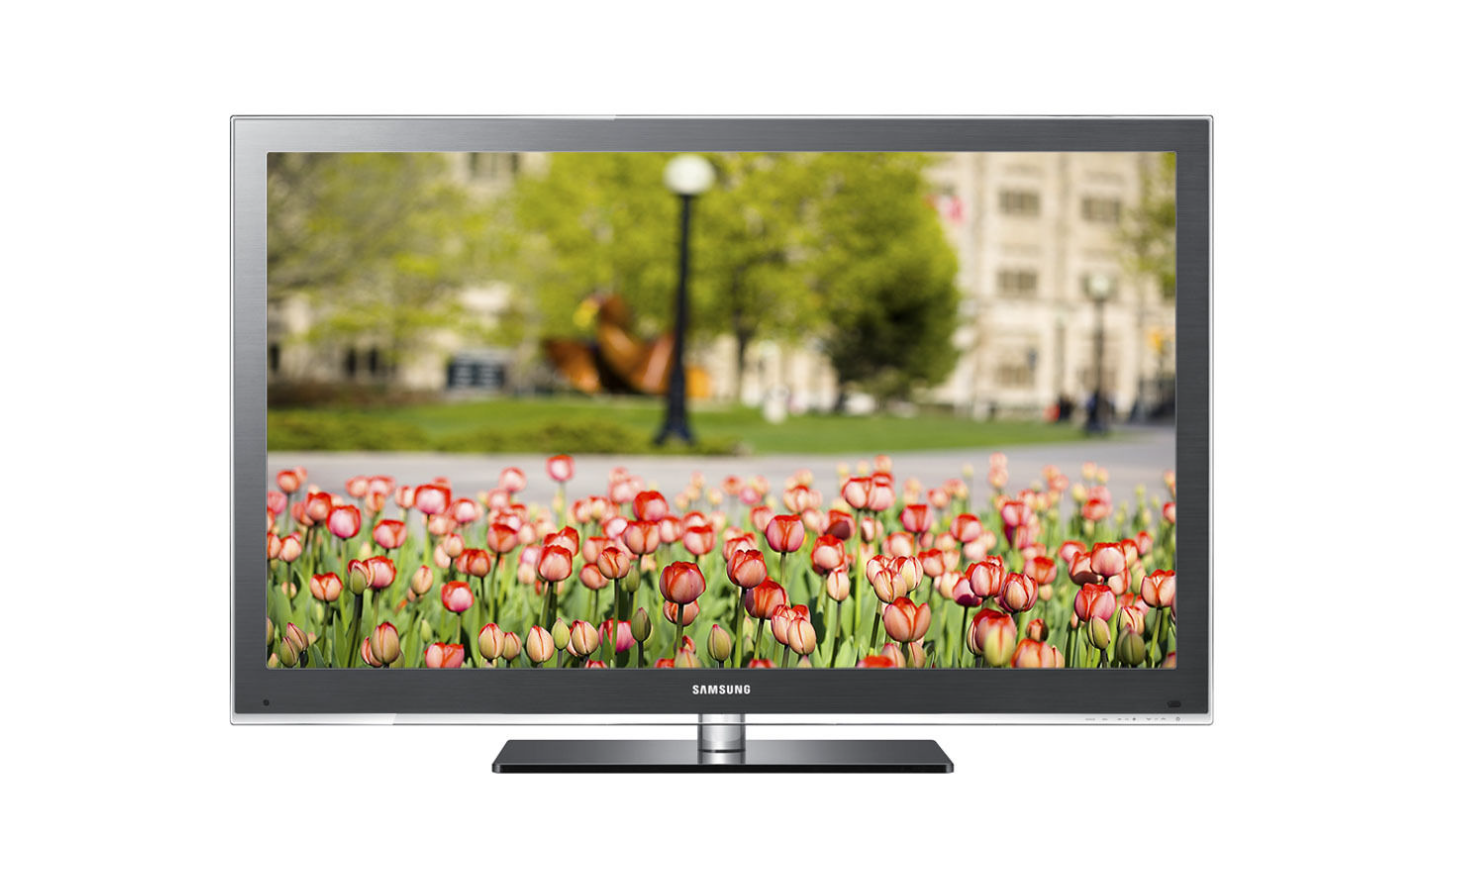 Samsung PN50C8000 Plasma TV Review